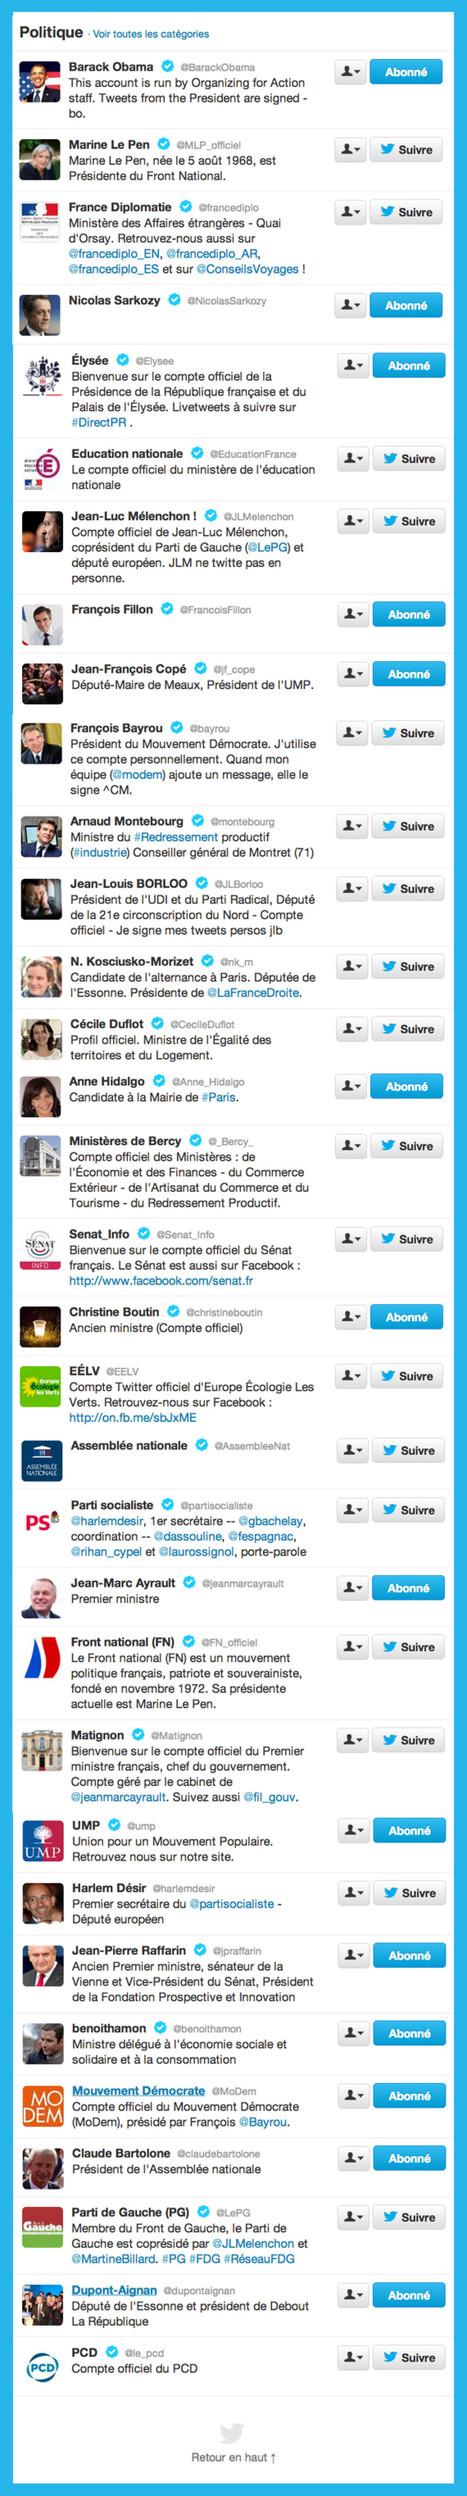 Twitter: mais pourquoi Hollande n'est pas dans la liste des politiques importants? | Politique 2.0 - Municipales 2.0 | Scoop.it